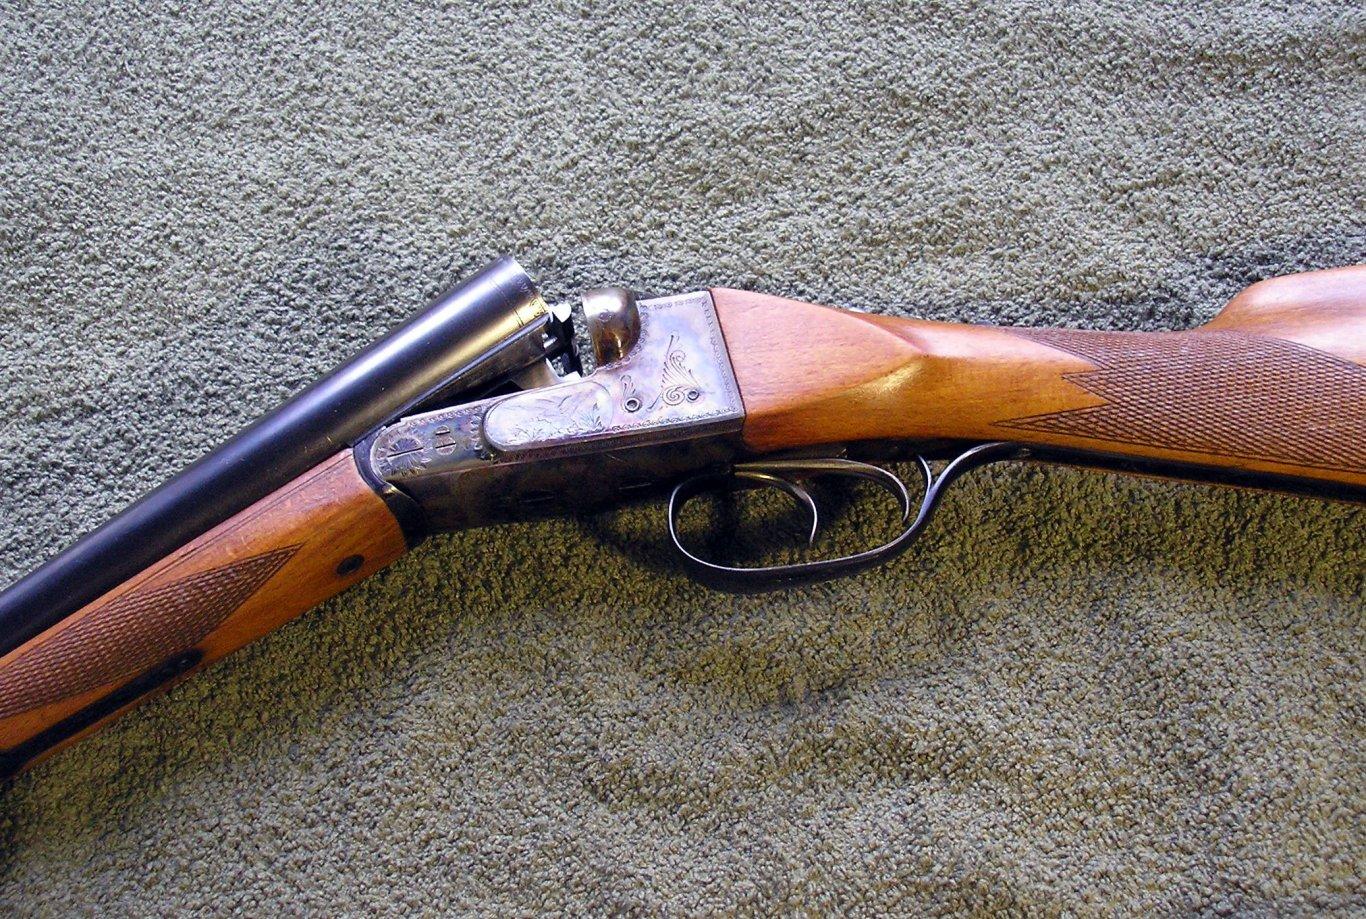 ИЖ-57: знаменитое охотничье ружье